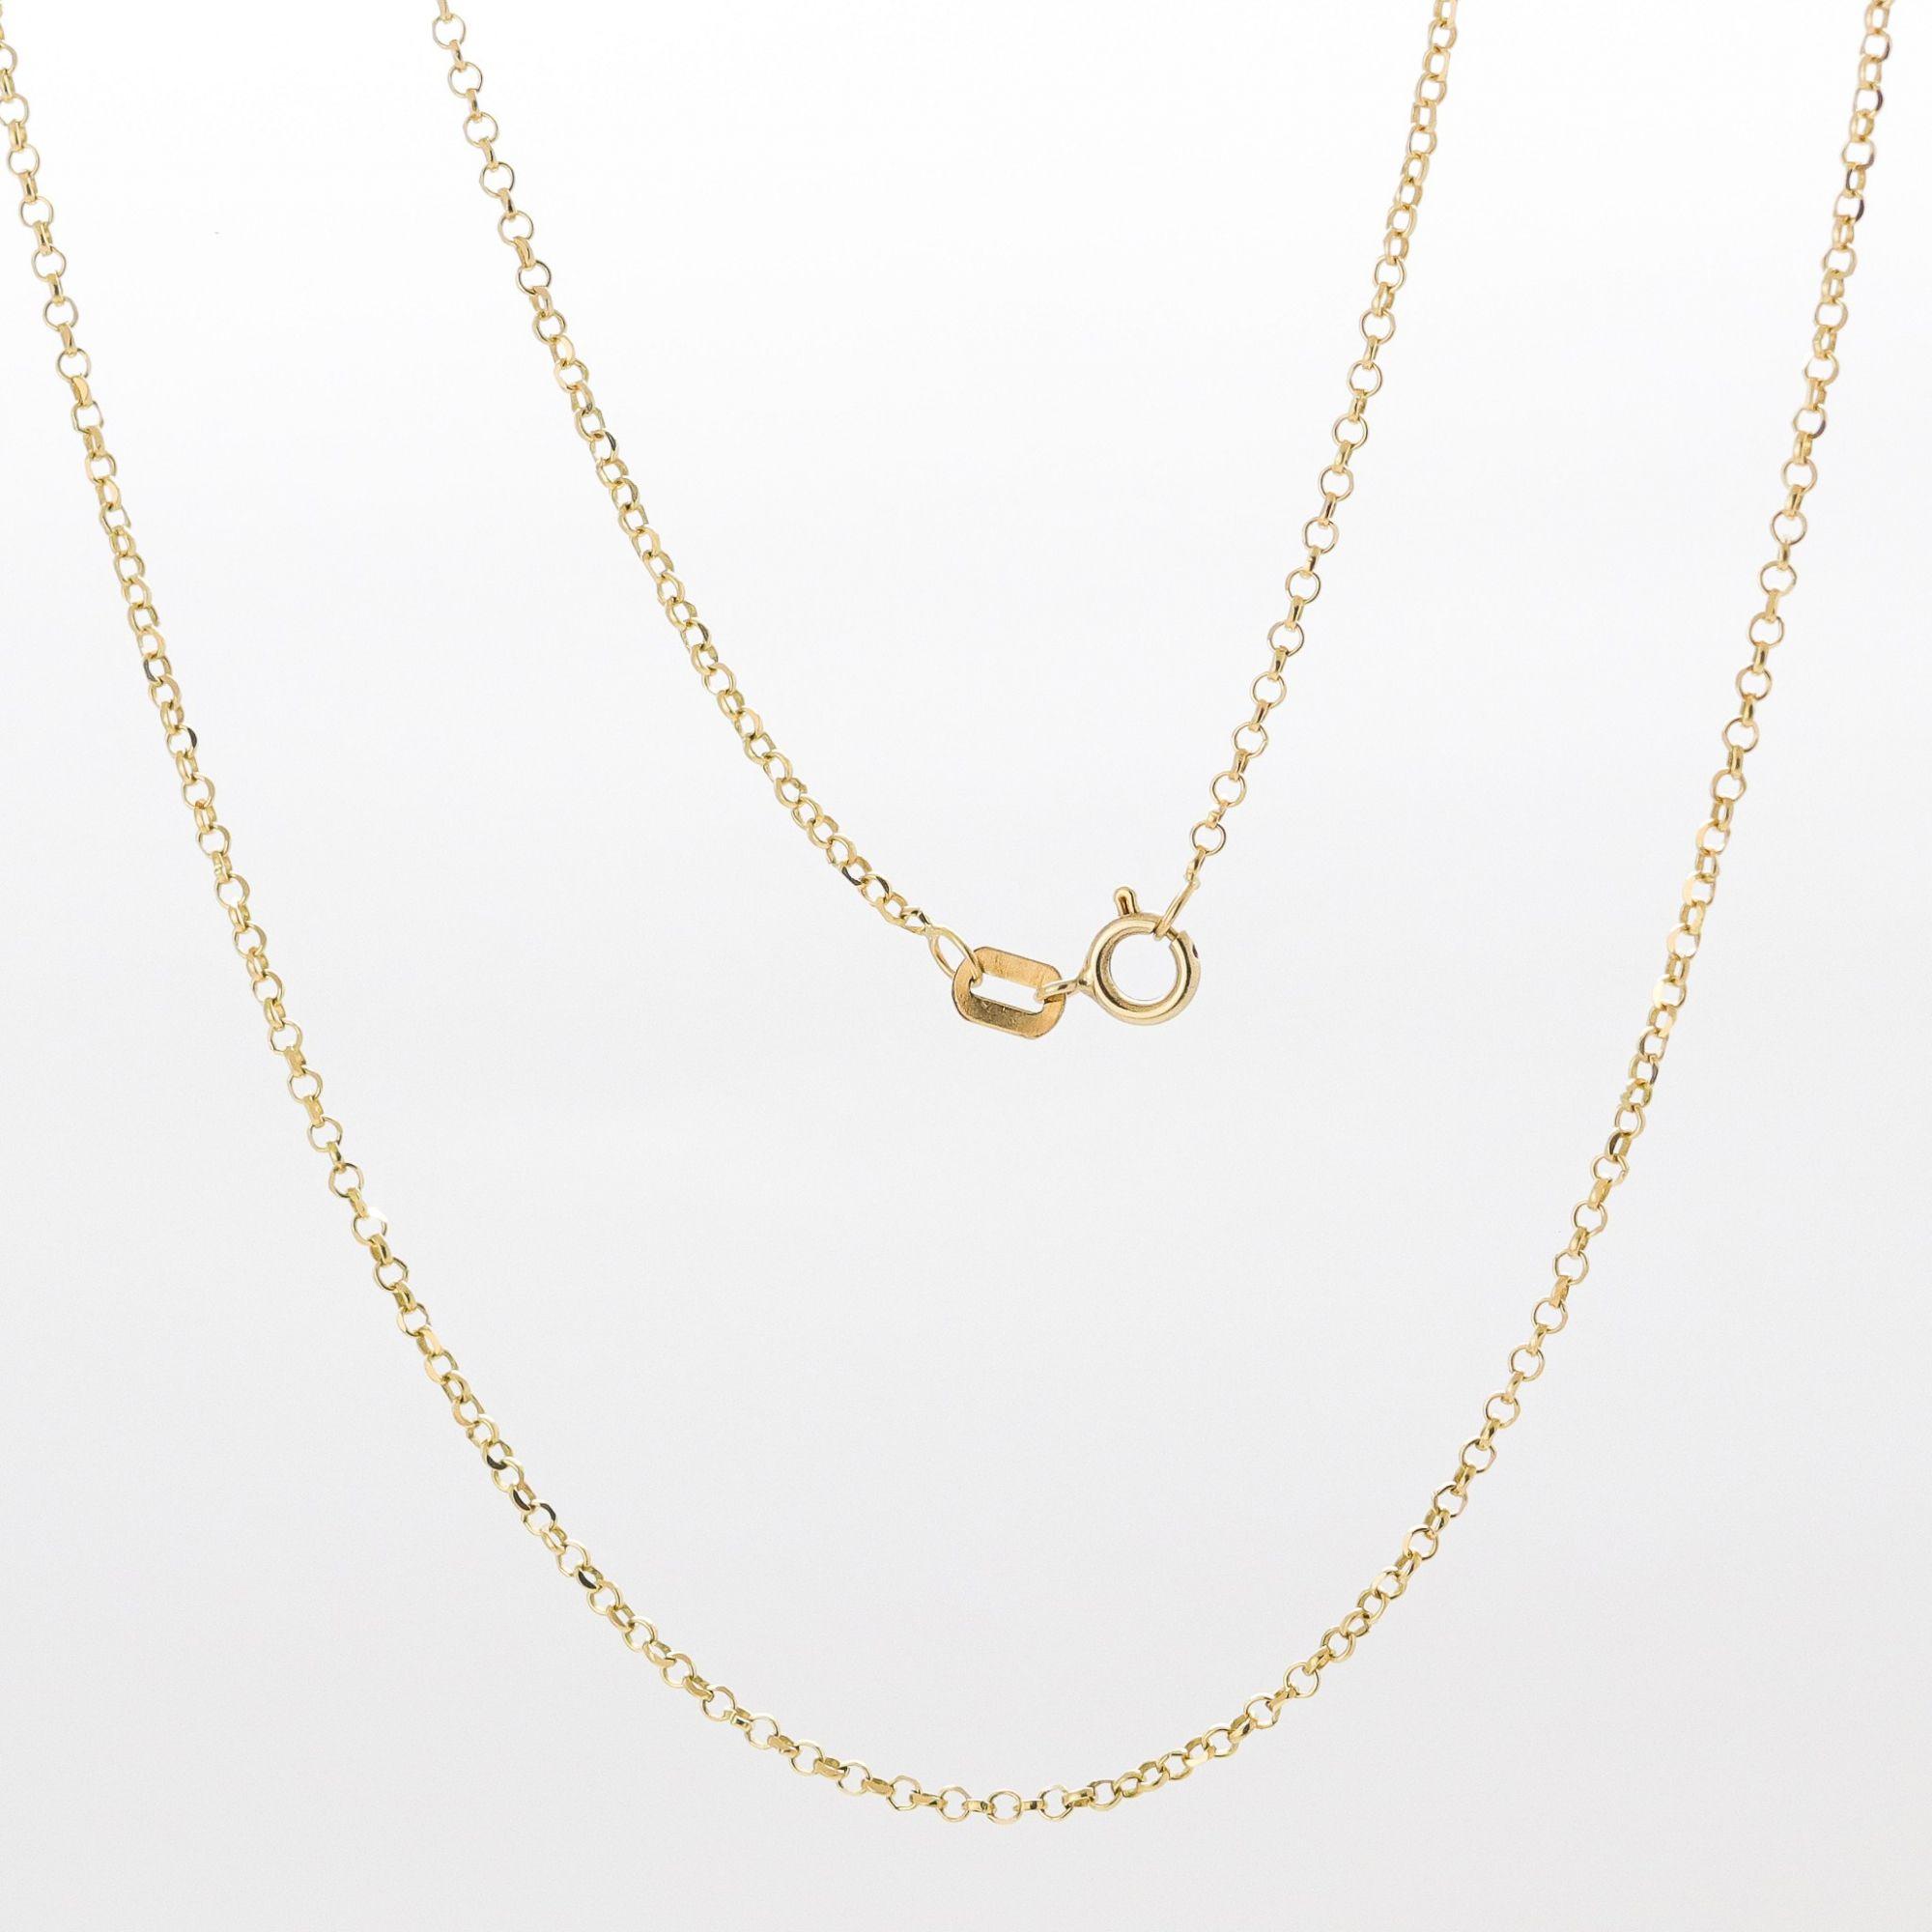 Corrente ouro 18k elo portugues 45 cm diamantada